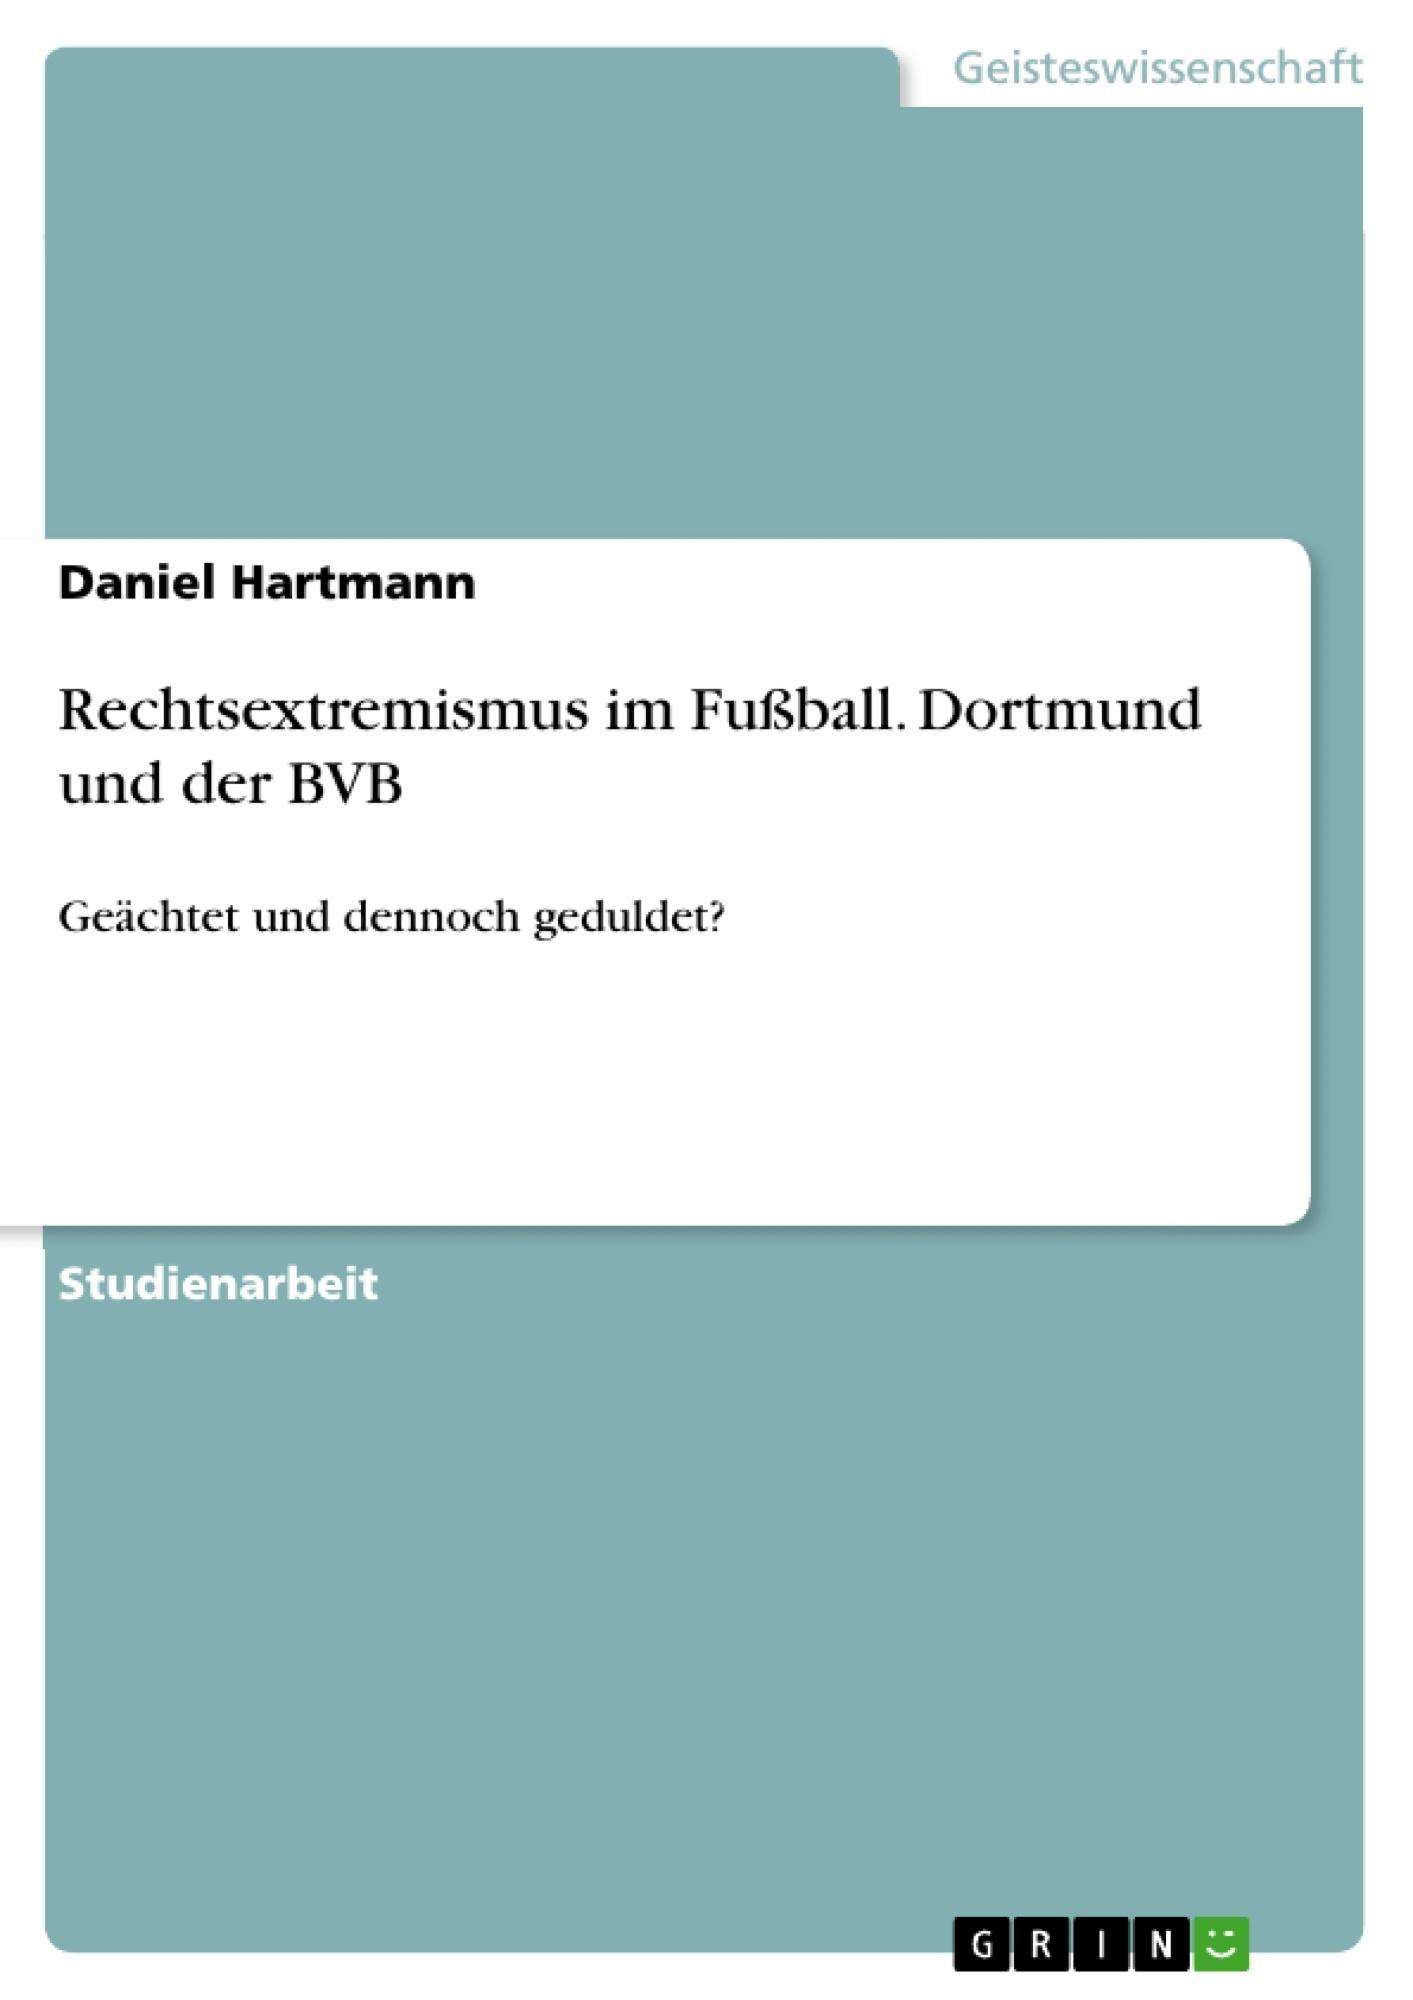 Titel: Rechtsextremismus im Fußball. Dortmund und der BVB